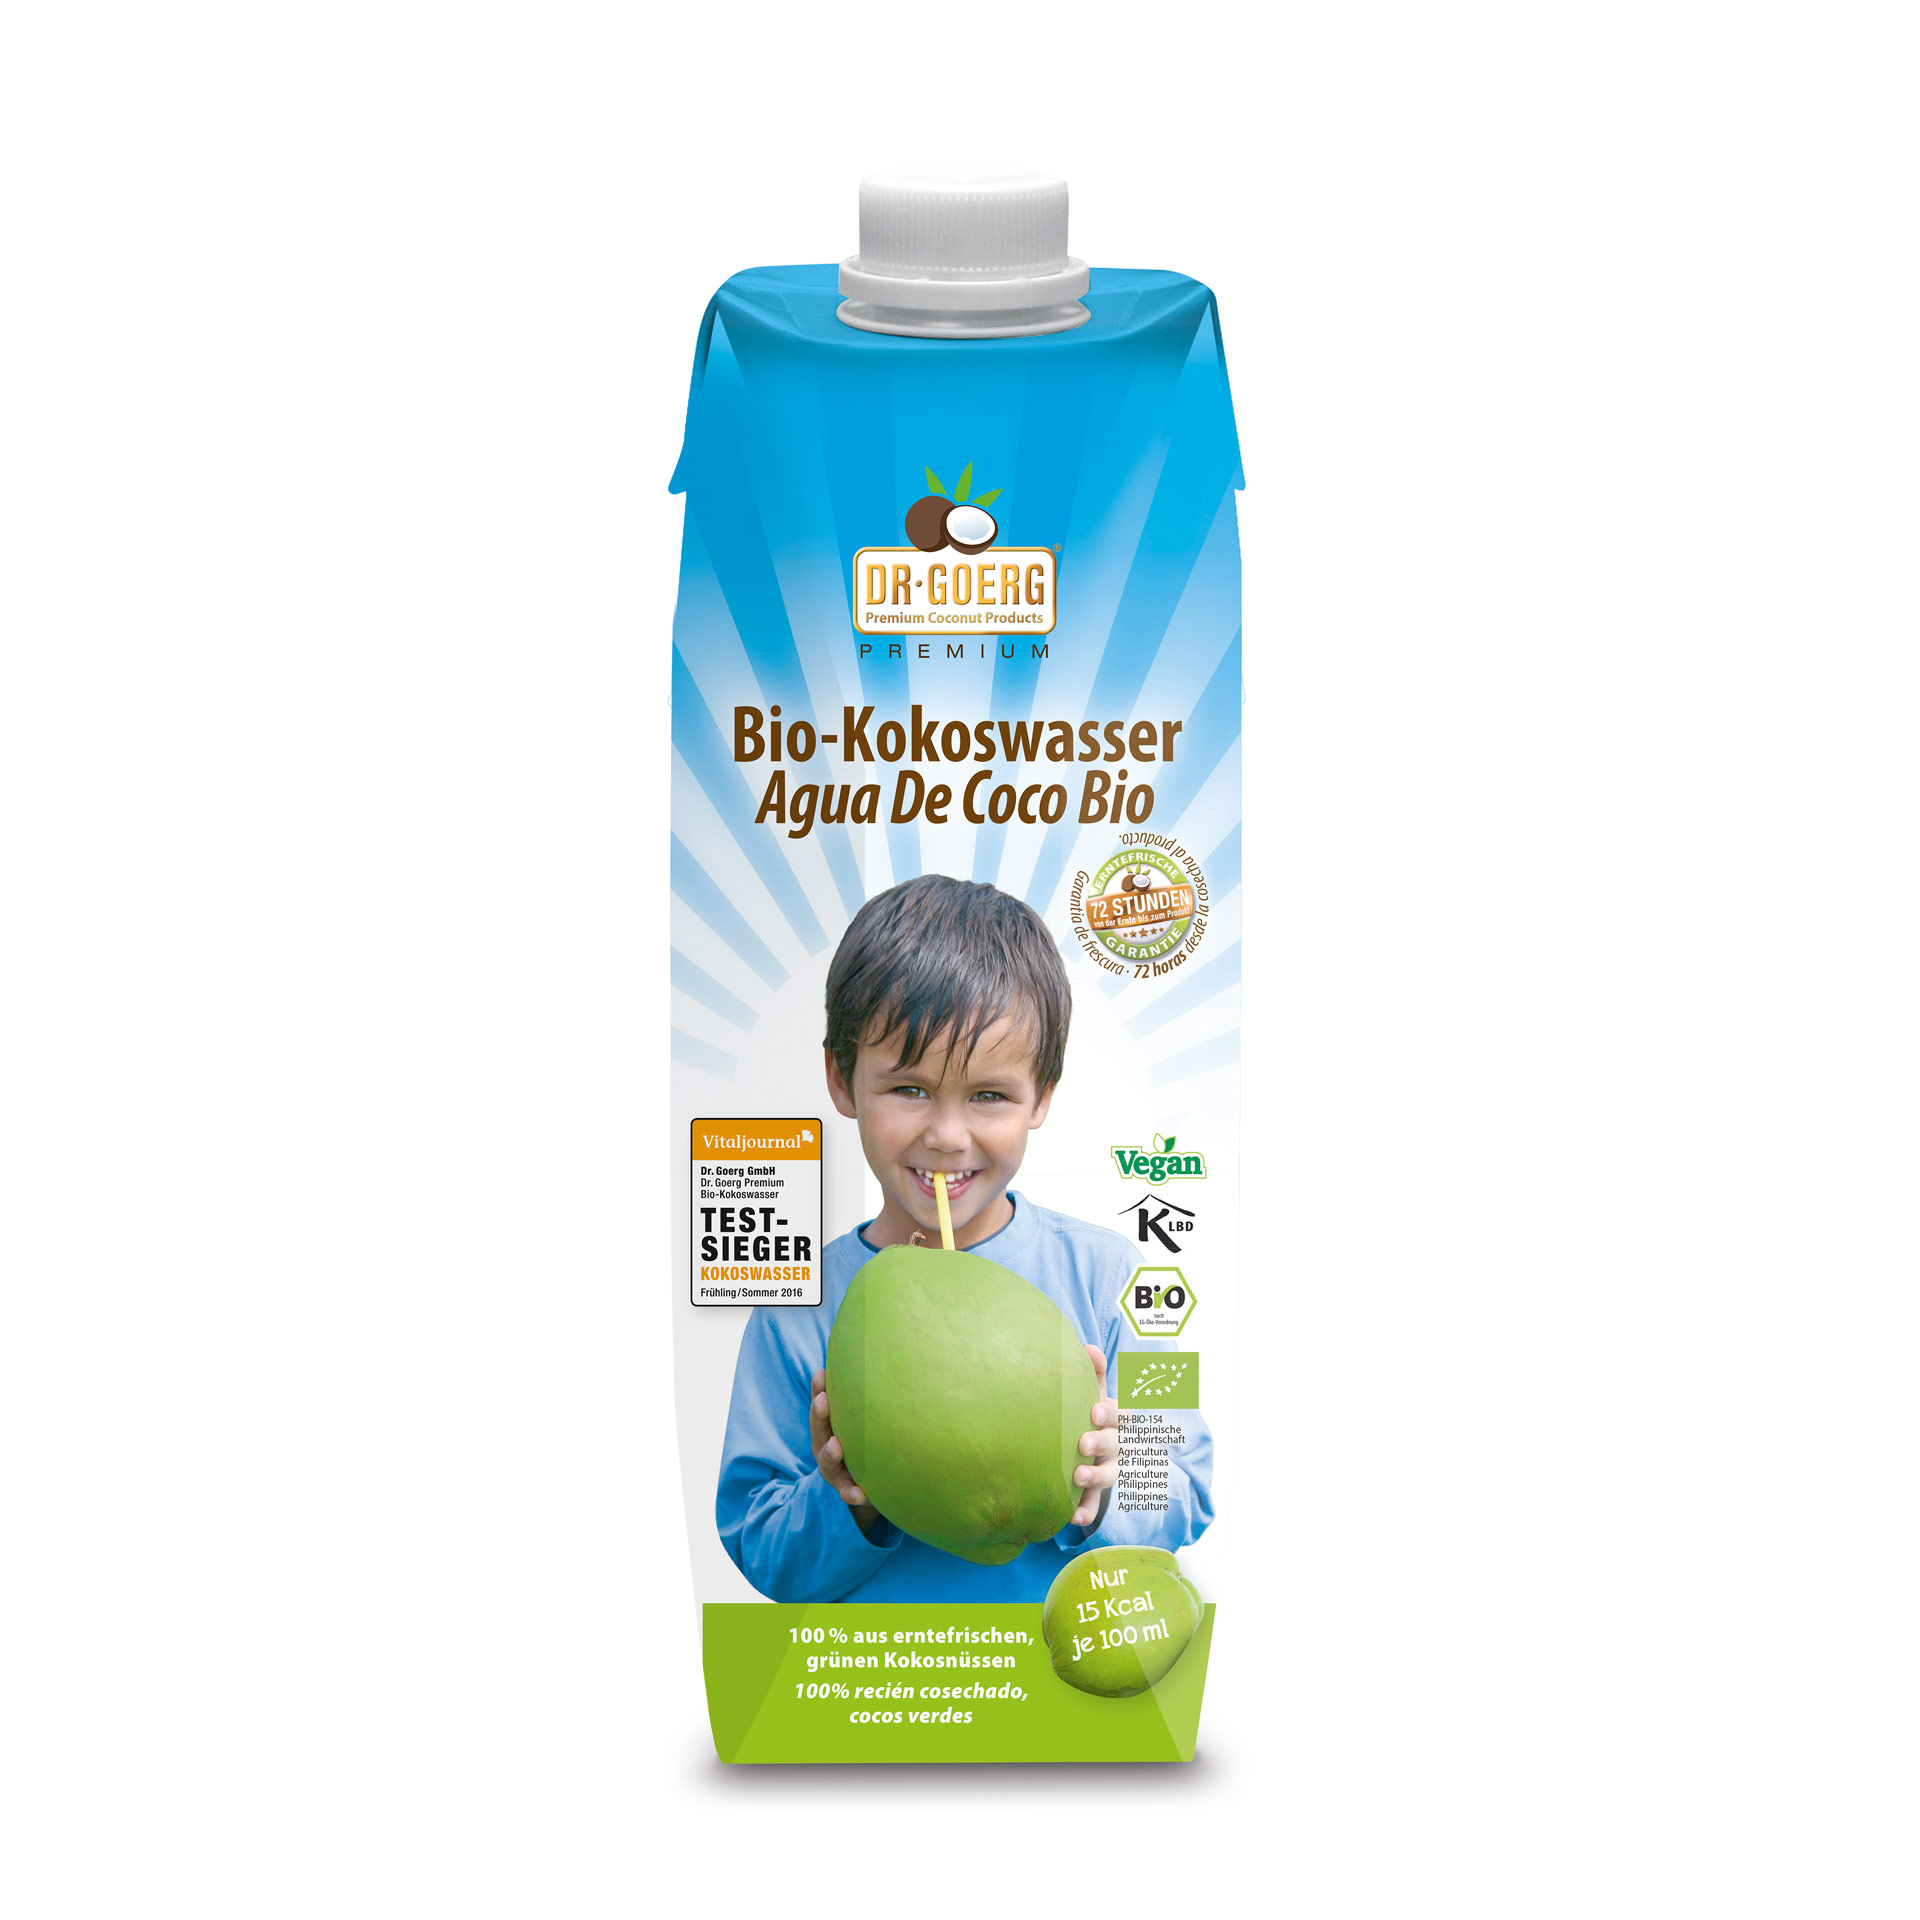 Dr. Goerg Bio Kokoswasser in 1000 ml und 330 ml Verpackungsgrößen